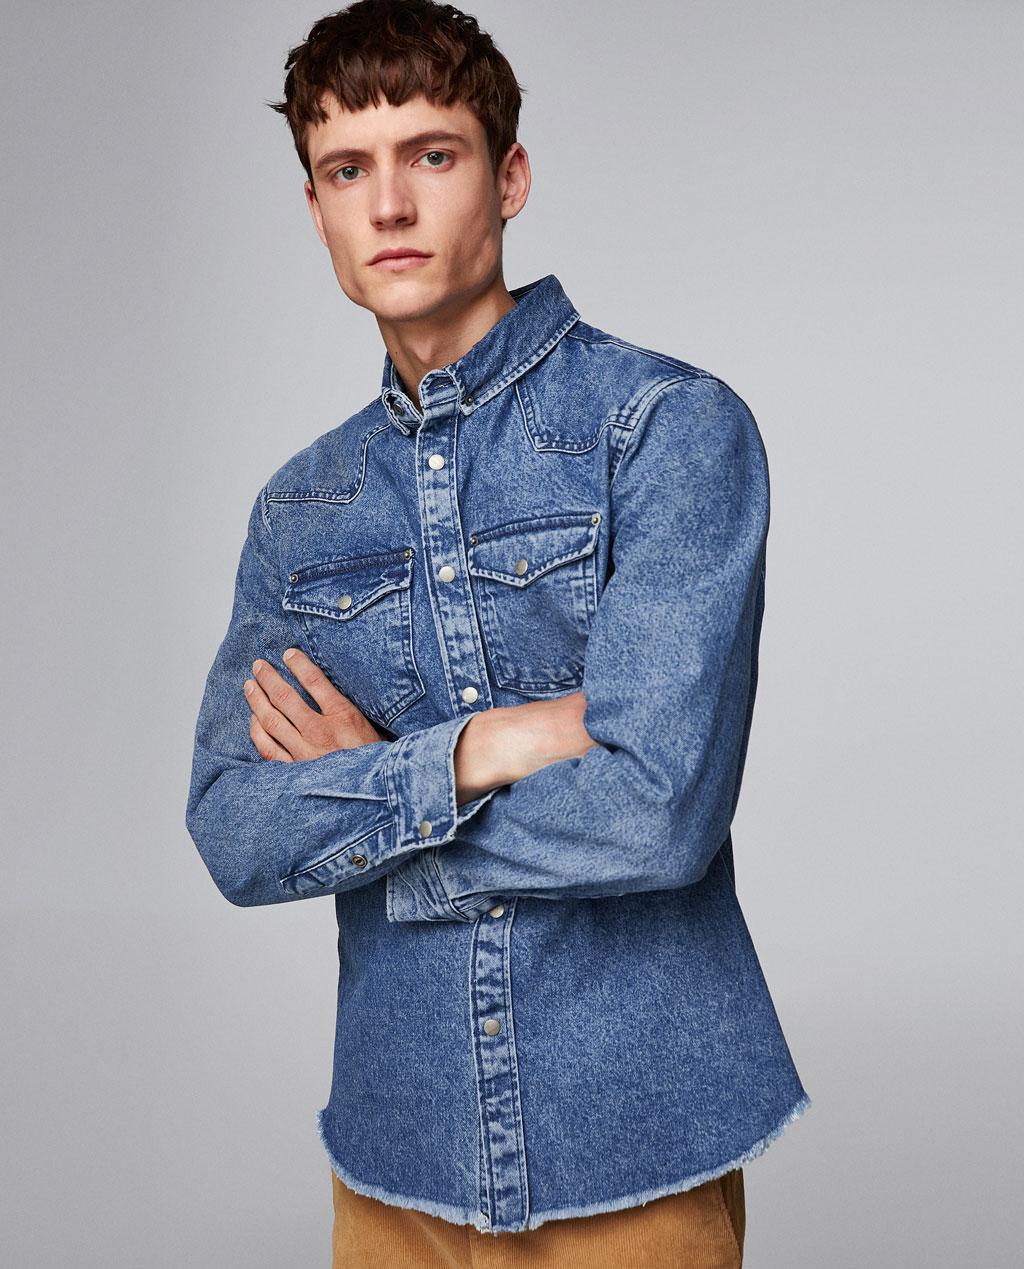 Thời trang nam Zara  23987 - ảnh 4